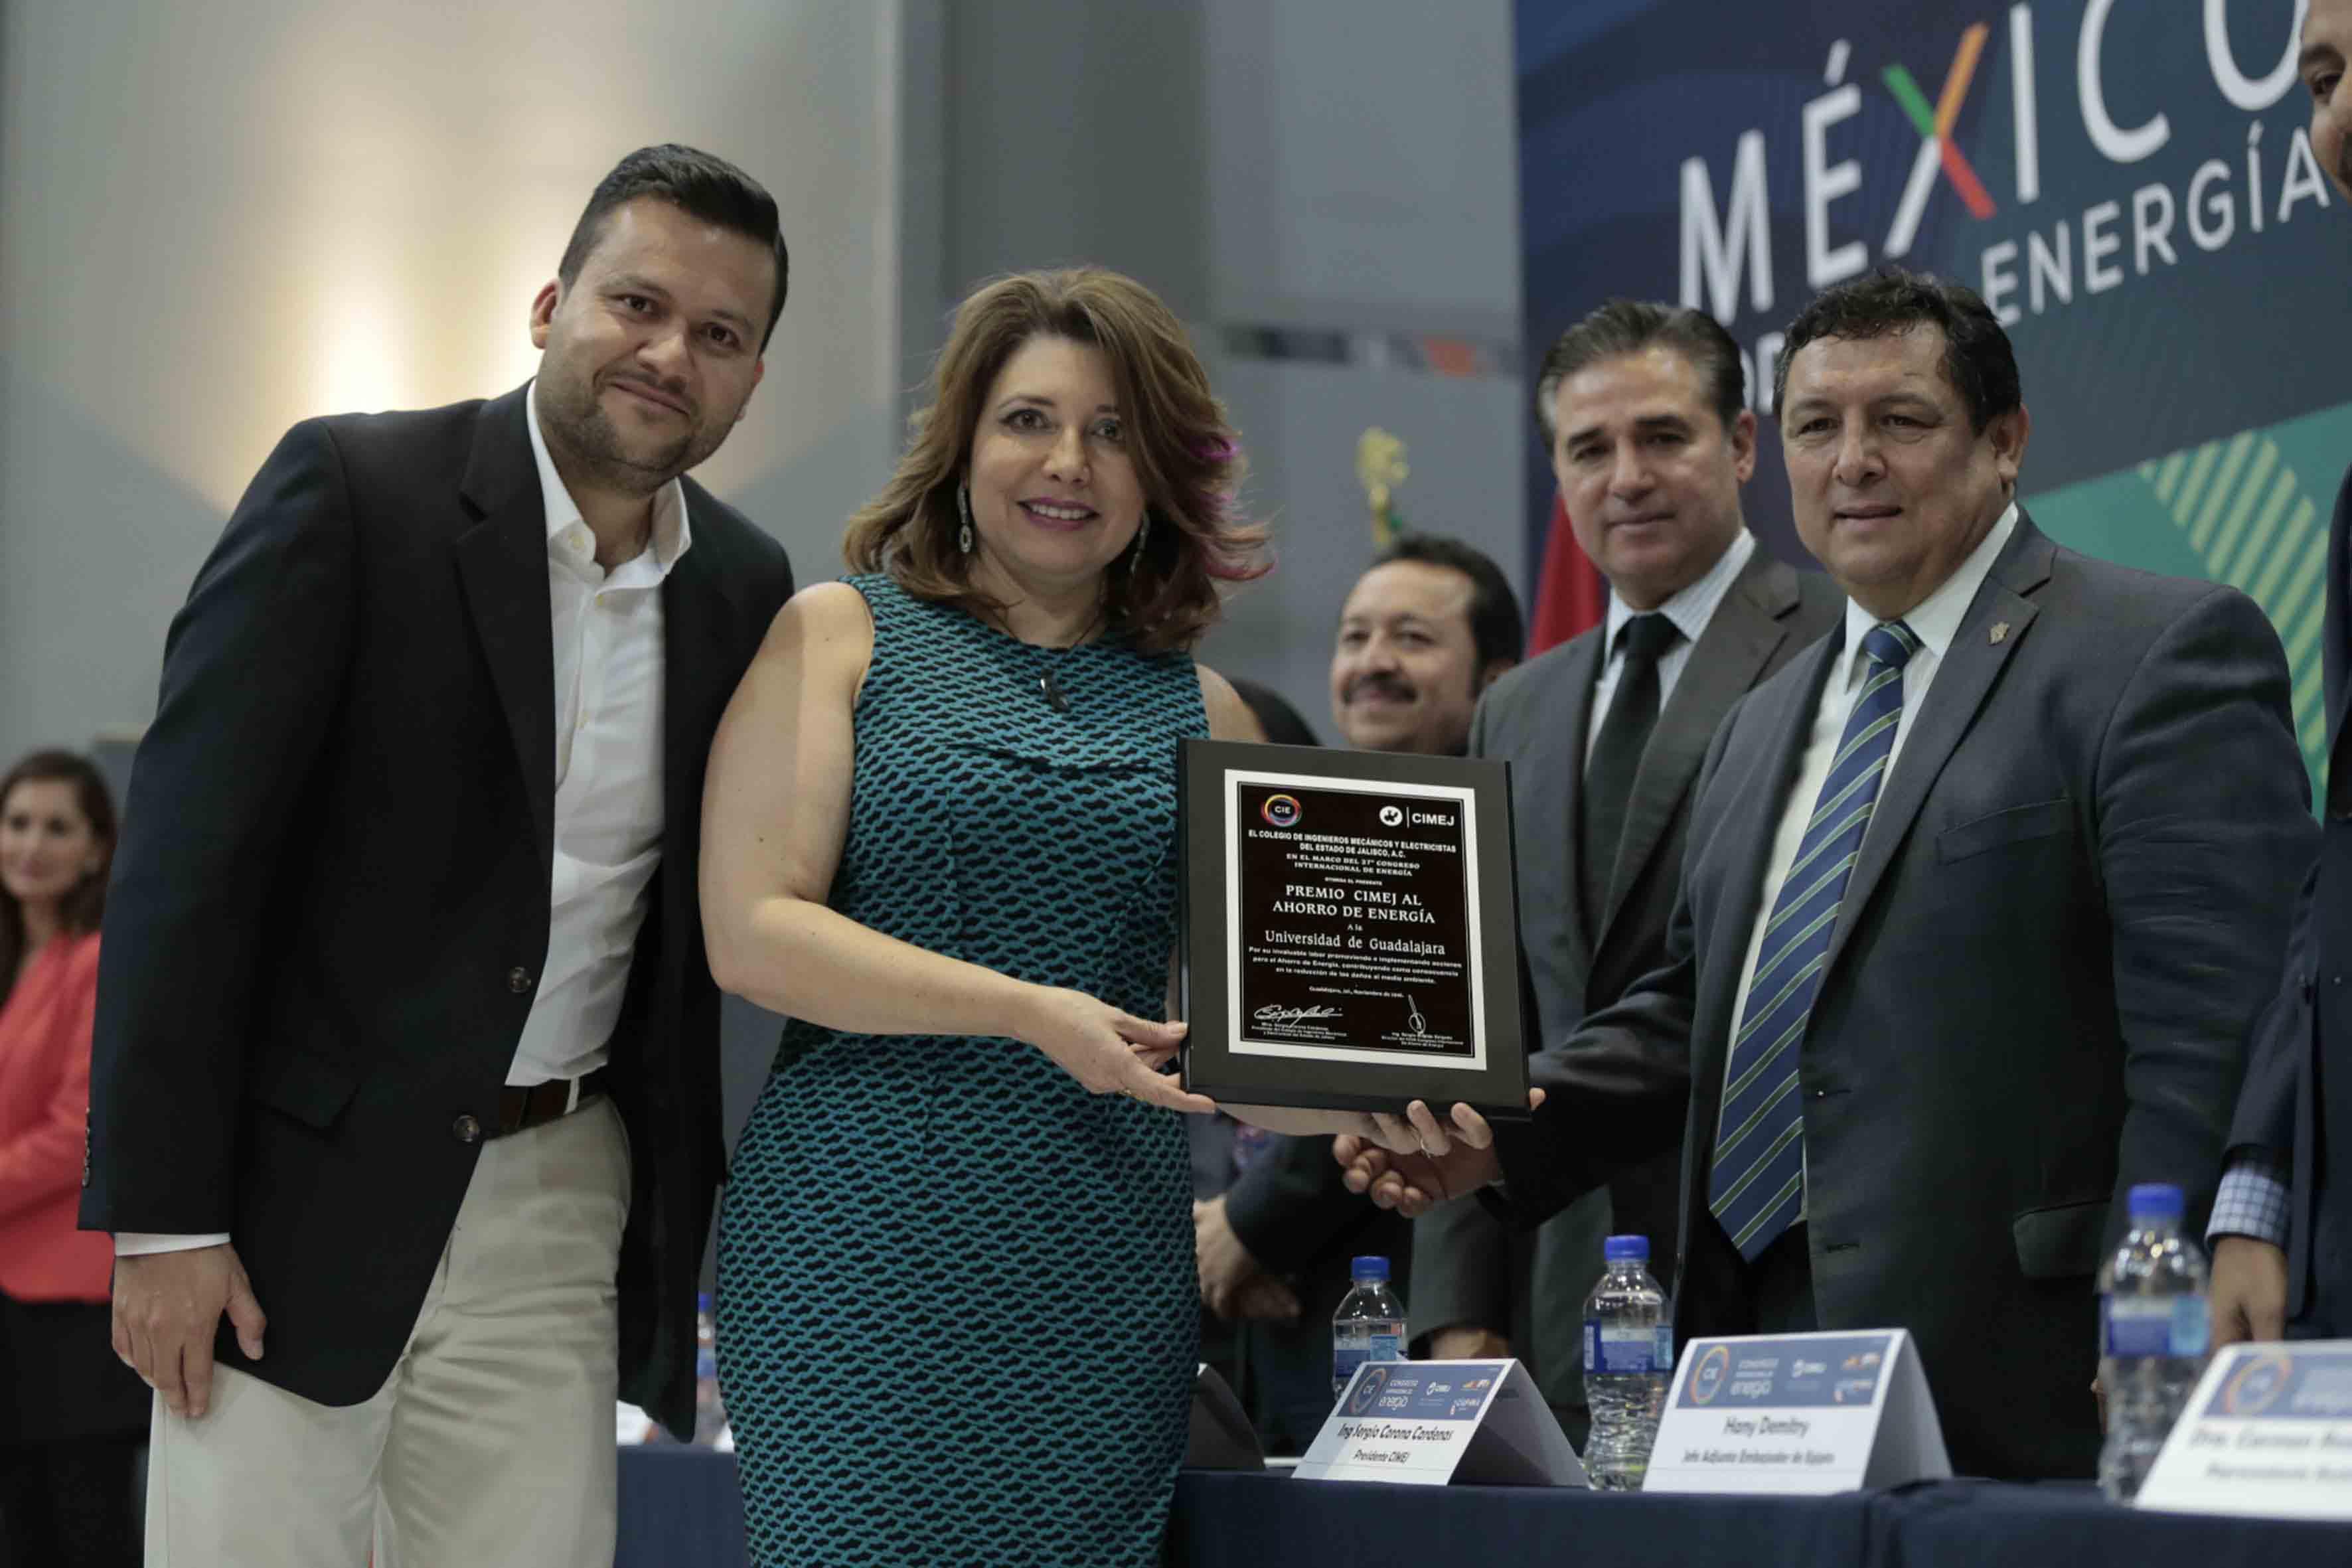 La coordinadora general administrativa de la UdeG, doctora Carmen Enedina Rodríguez Armenta y el coordinador del PUITE, maestro Missael Robles Robles, recibiendo el premio CIMEJ al ahorro de Energía.